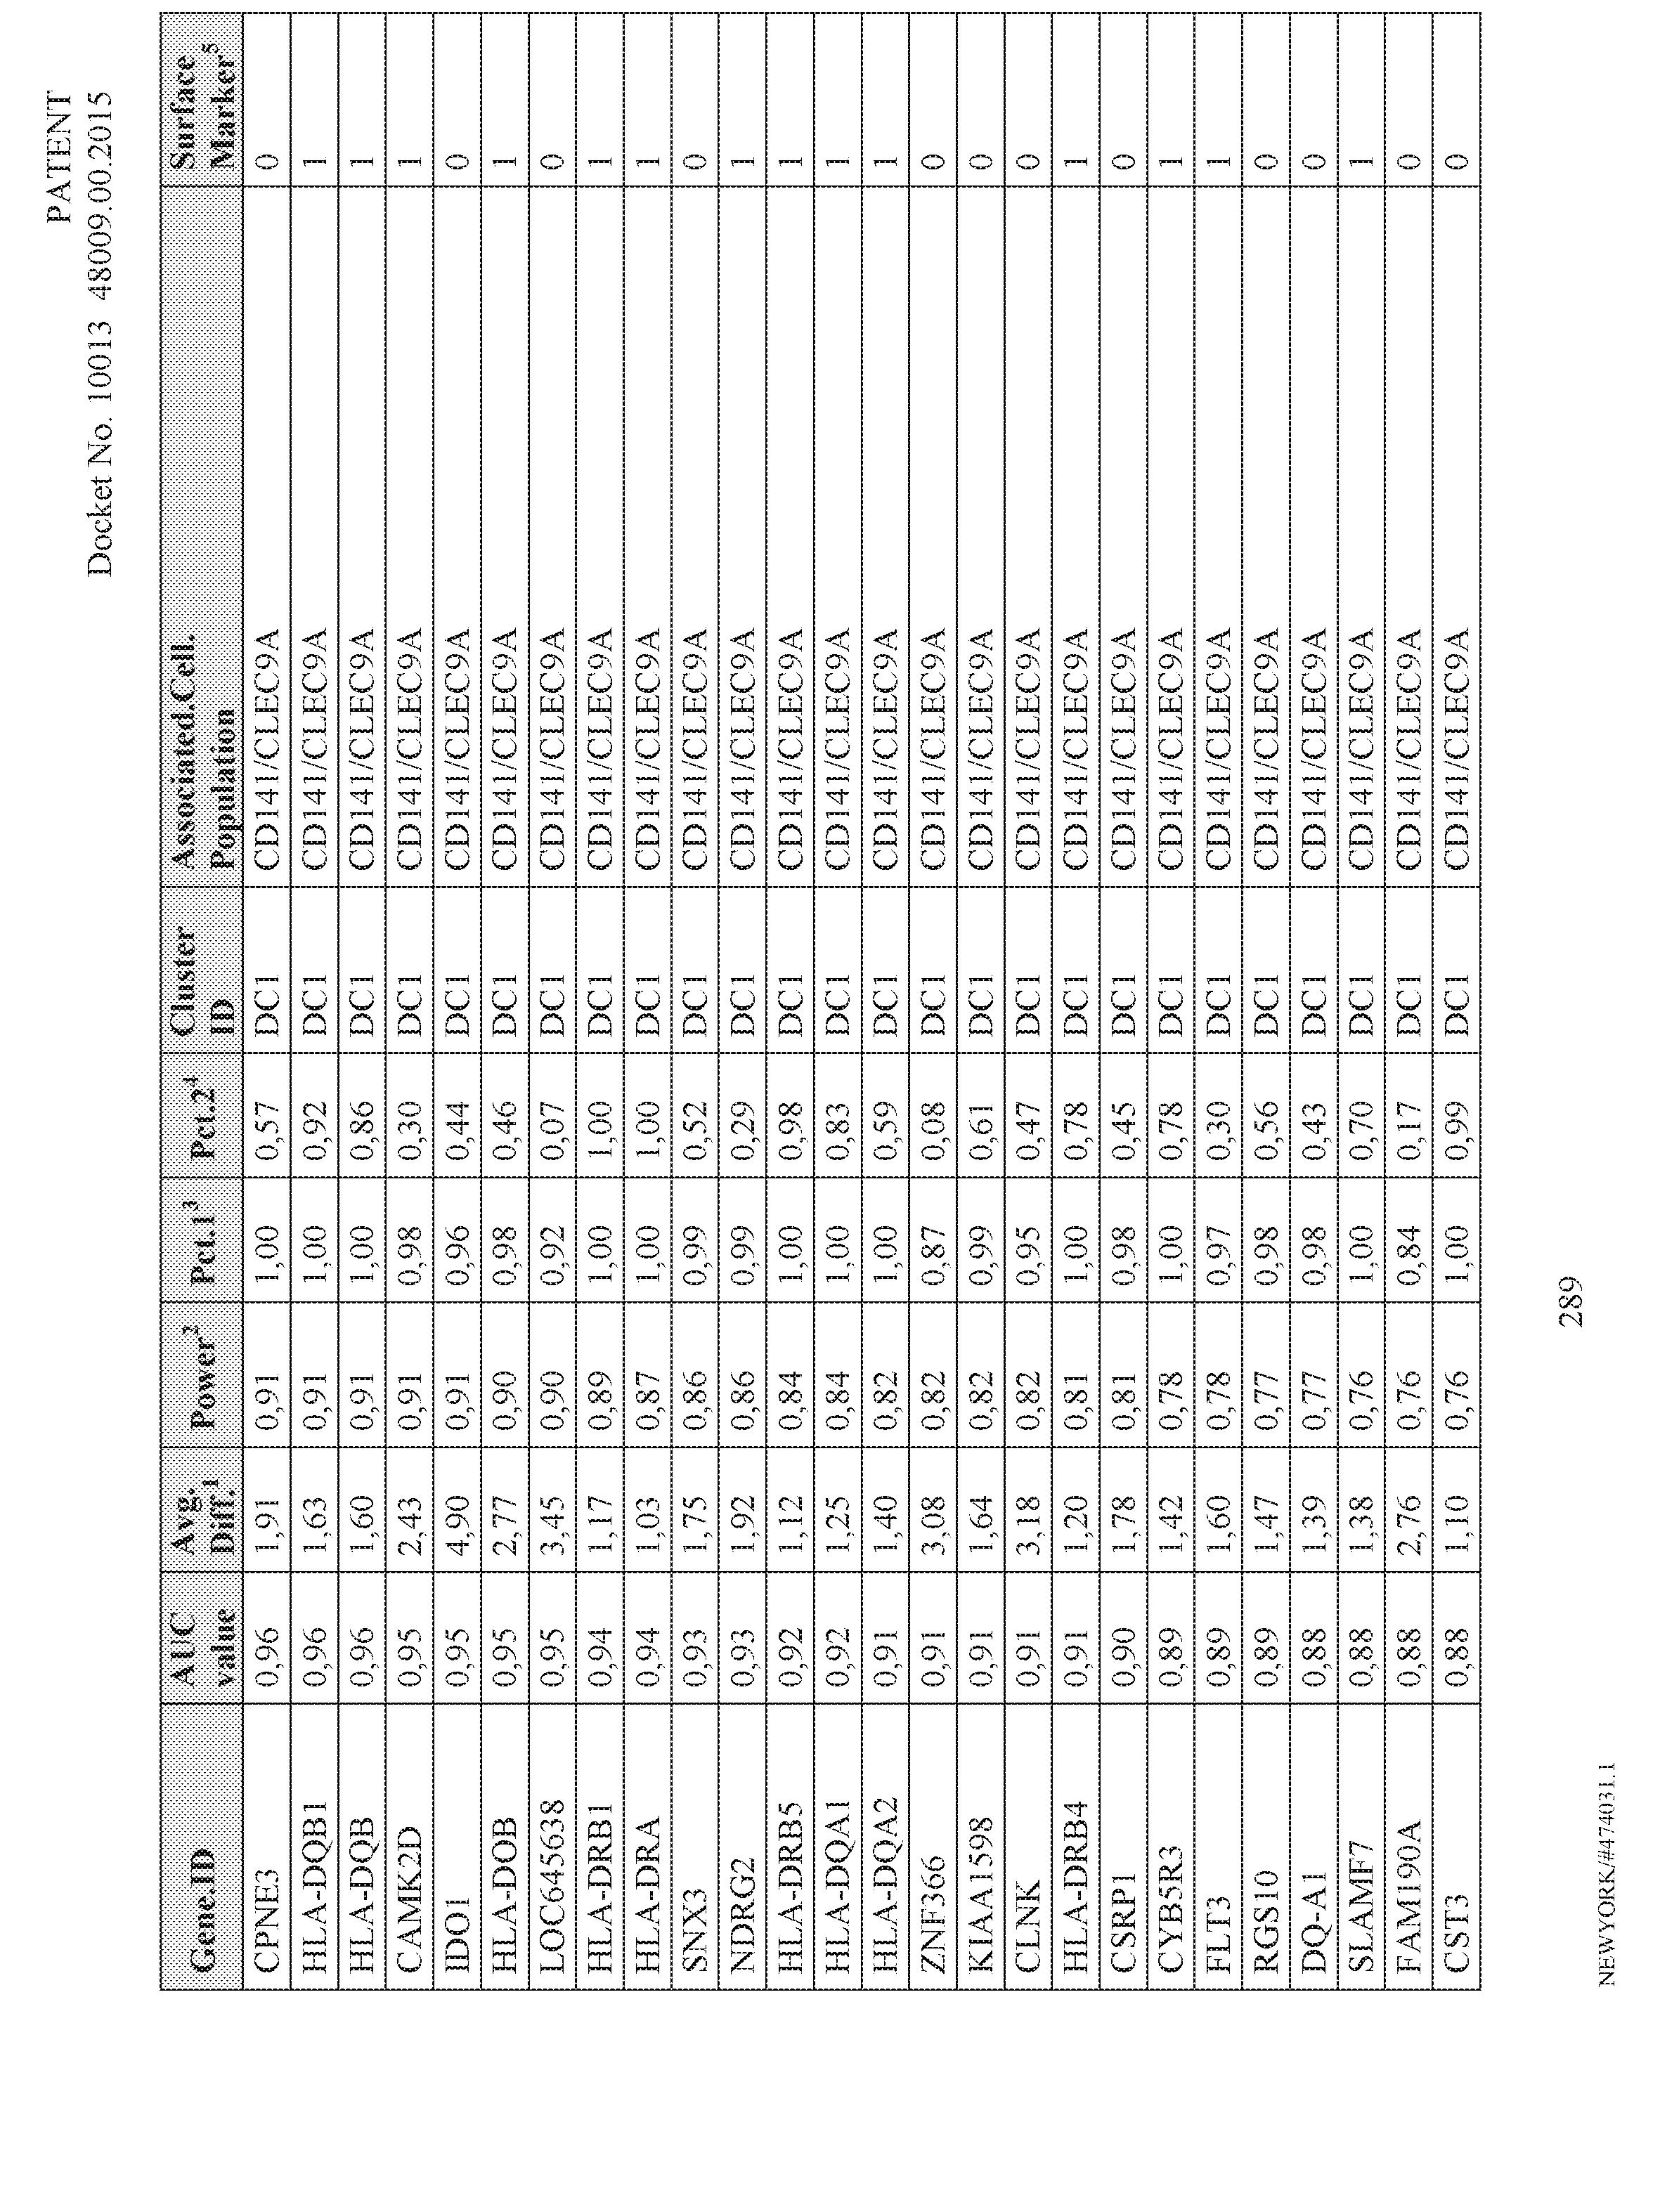 Figure imgf000291_0001